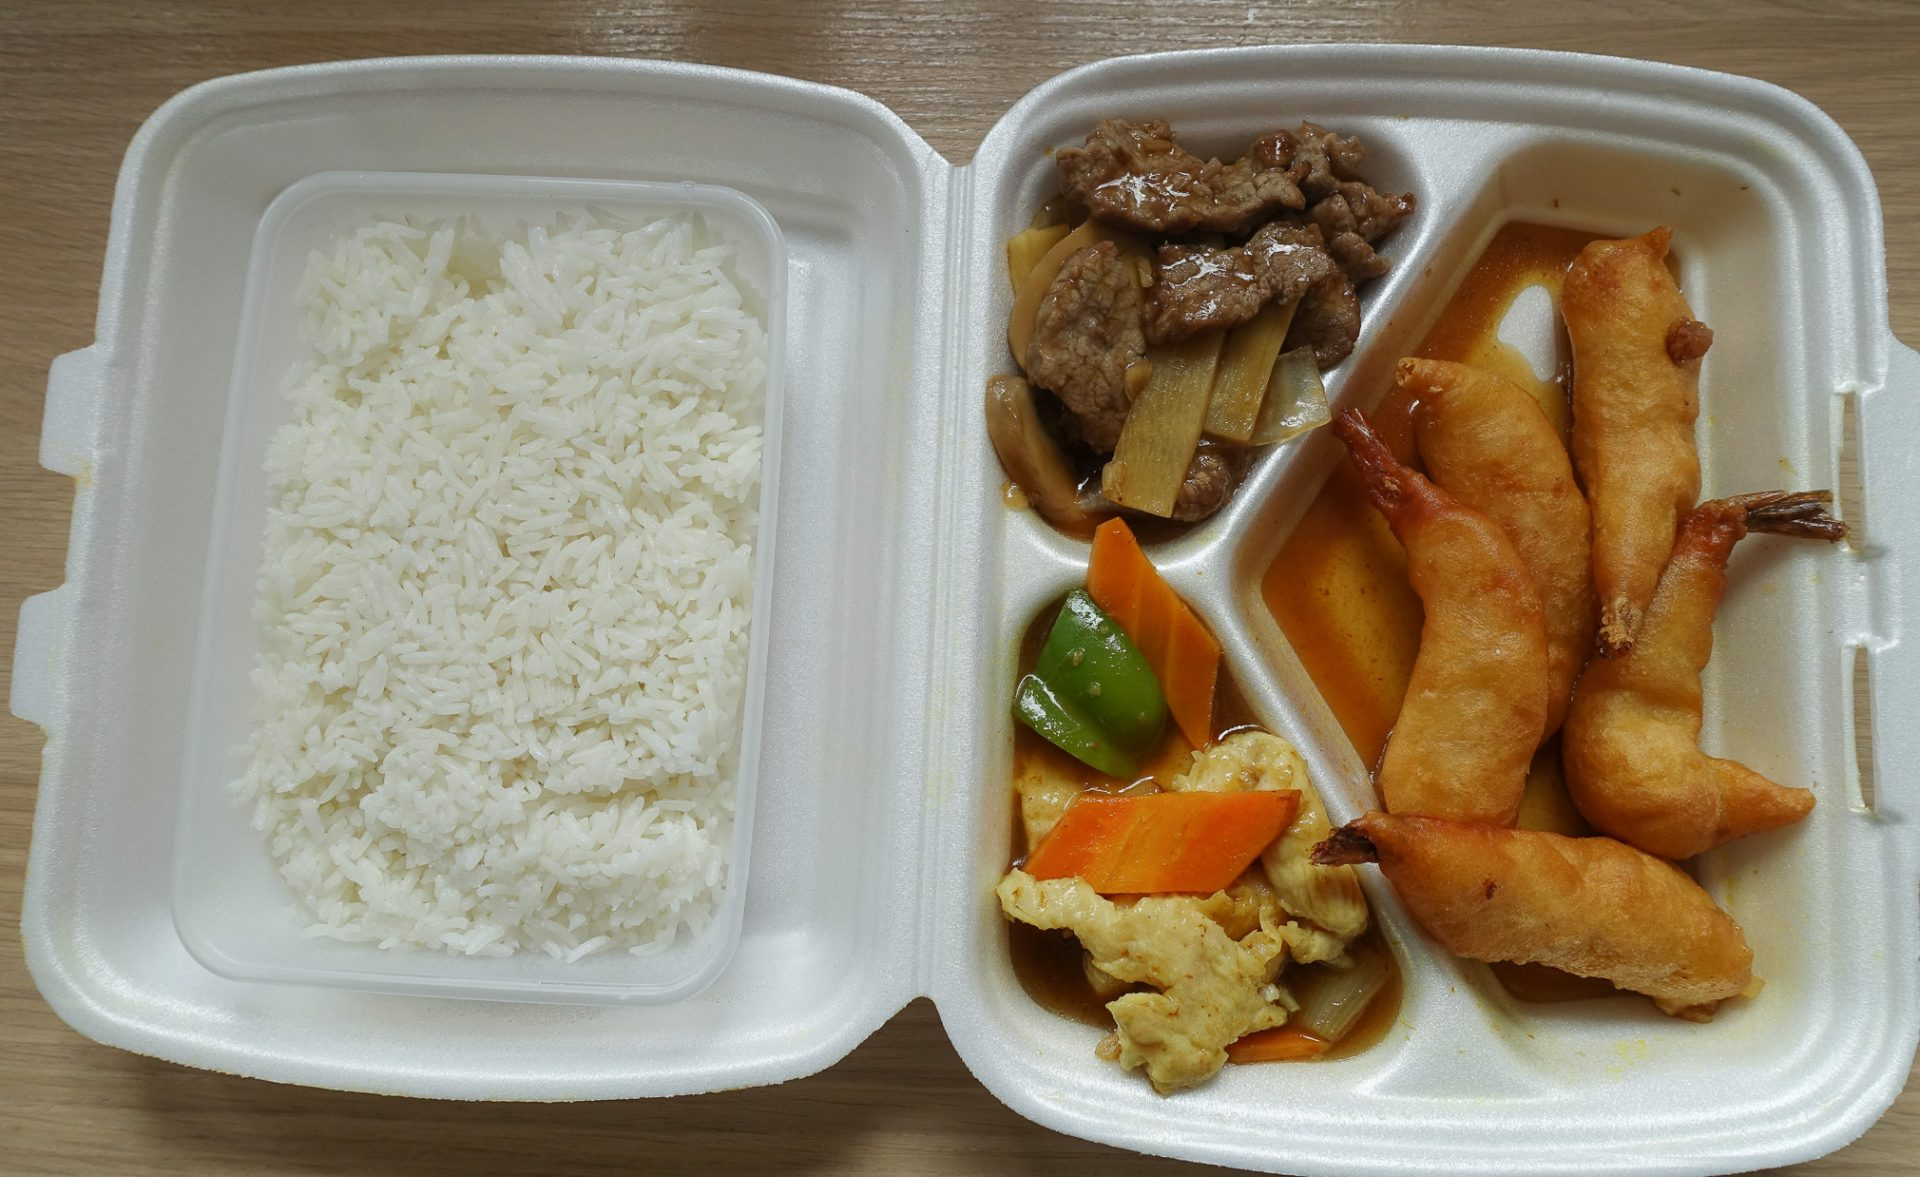 Anmeldelse: Ordinær og smagløs madoplevelse hos kinesiske Restaurant Vinde